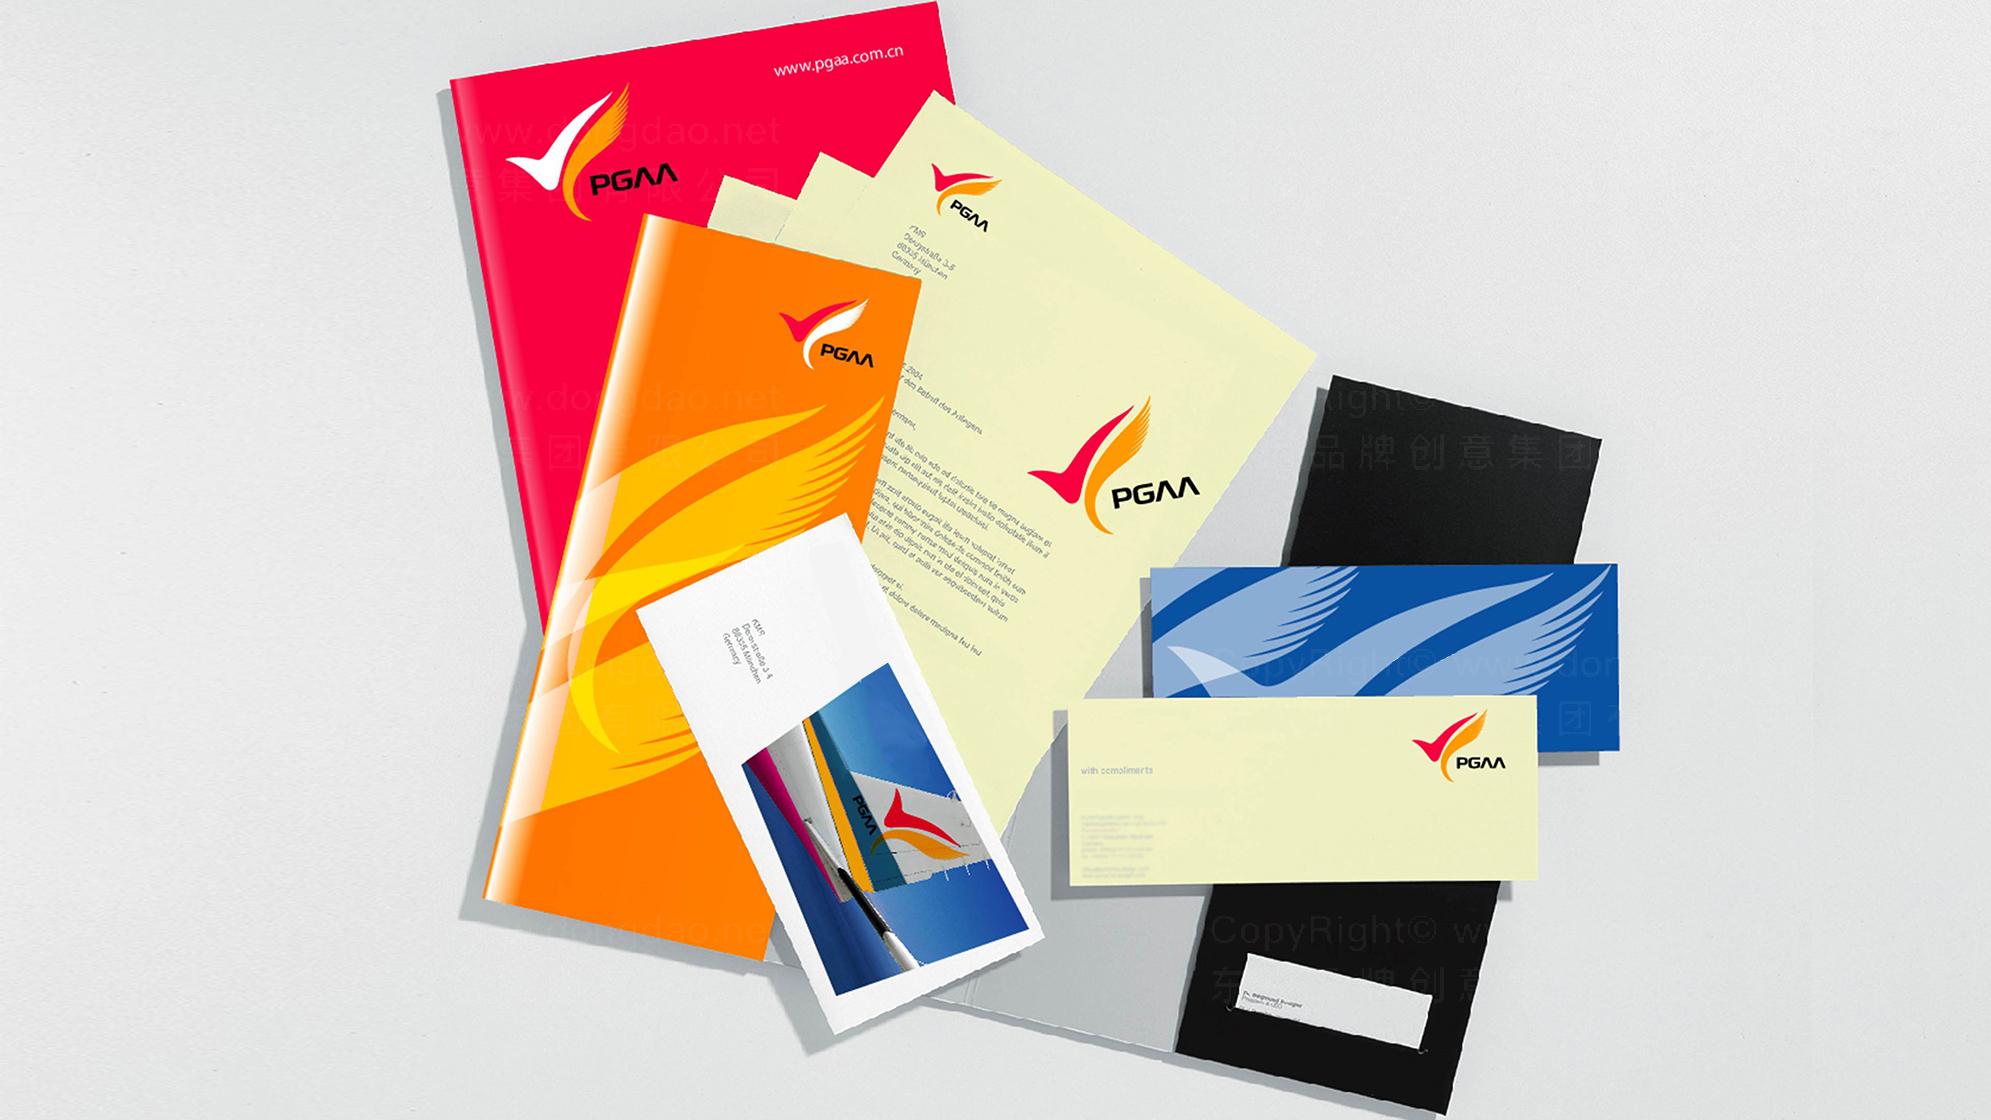 品牌设计凤凰通用航空标志设计应用